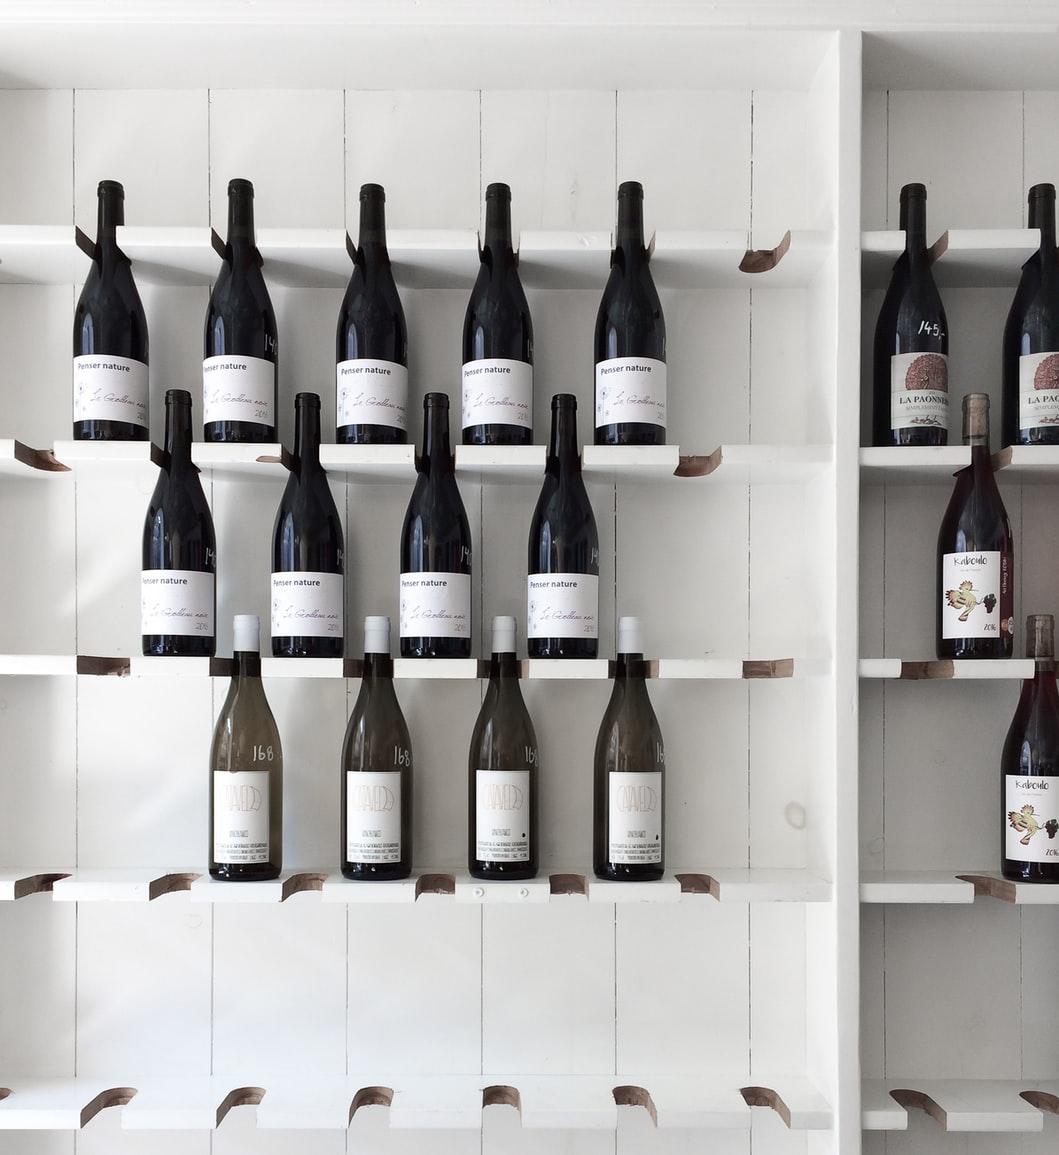 アンリジャイエのワインを徹底解説!厳選ワインもご紹介!|theDANN media